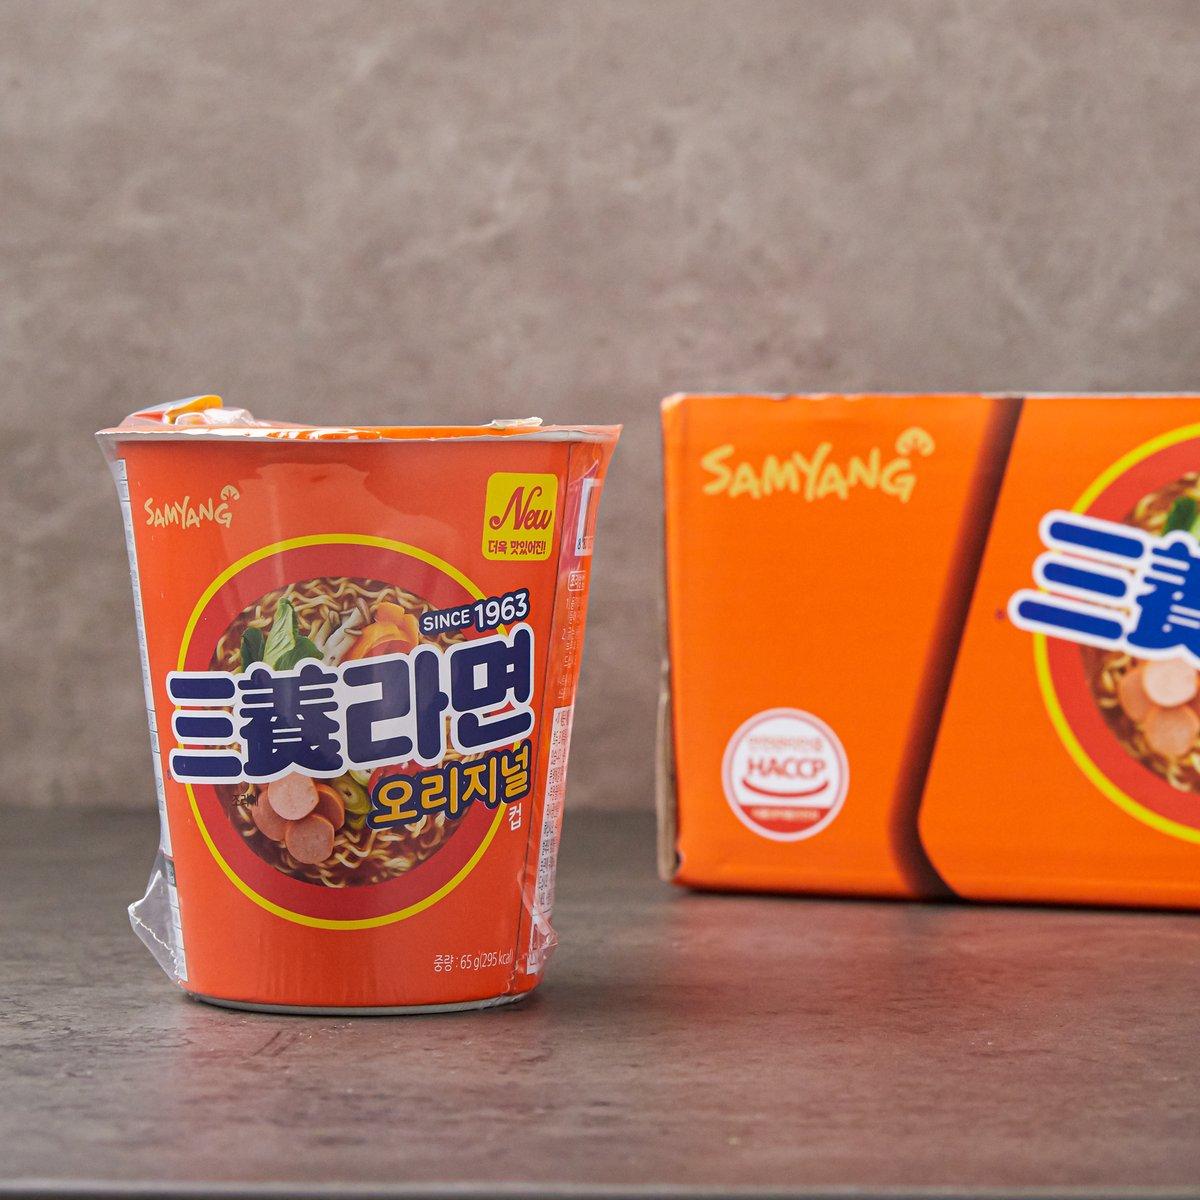 [삼양] 삼양 라면 소컵 65g*6개 (신)